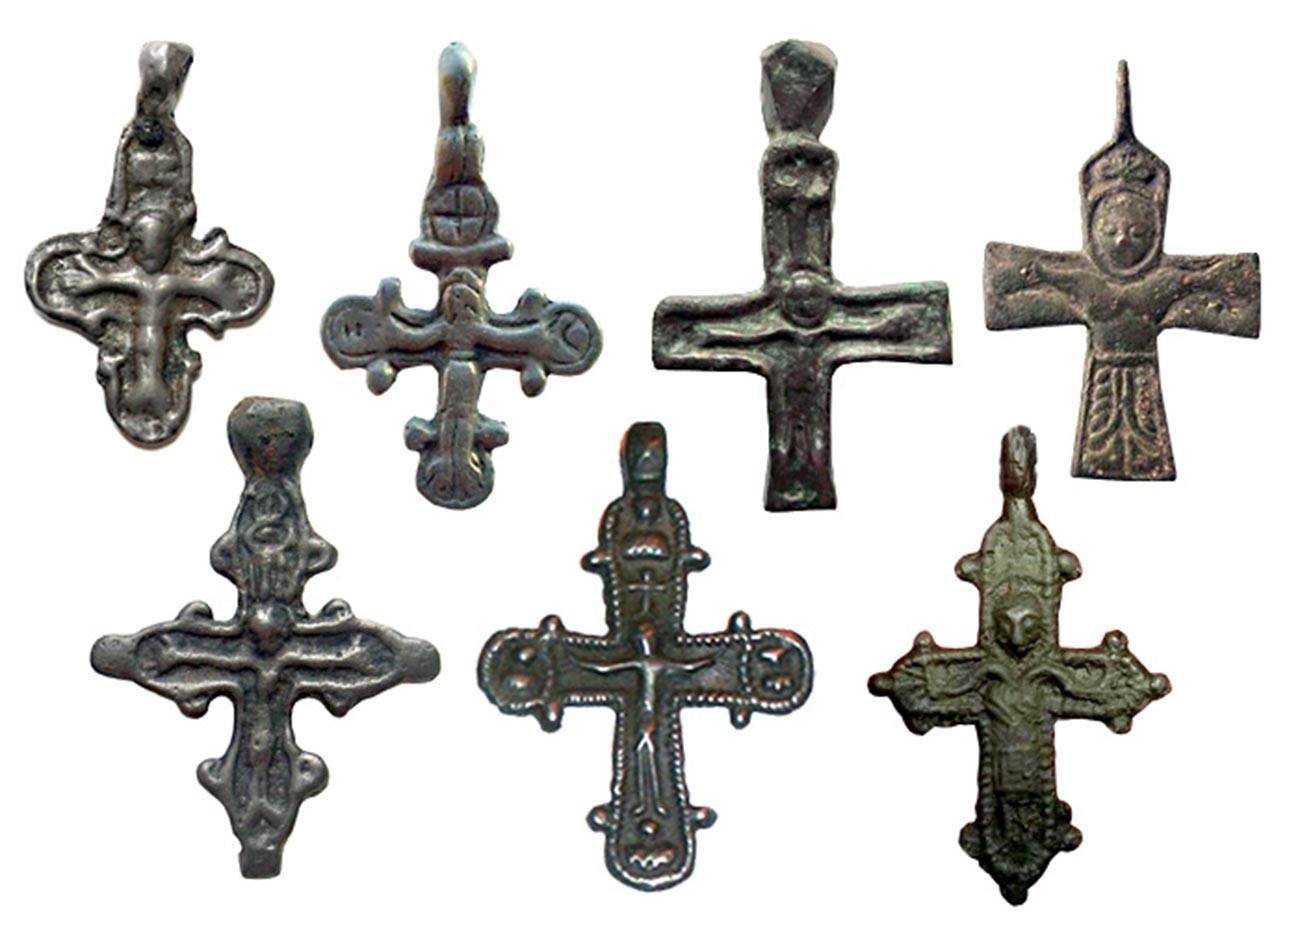 Cruzes russas antigas representando a crucificação, séculos 11-13.